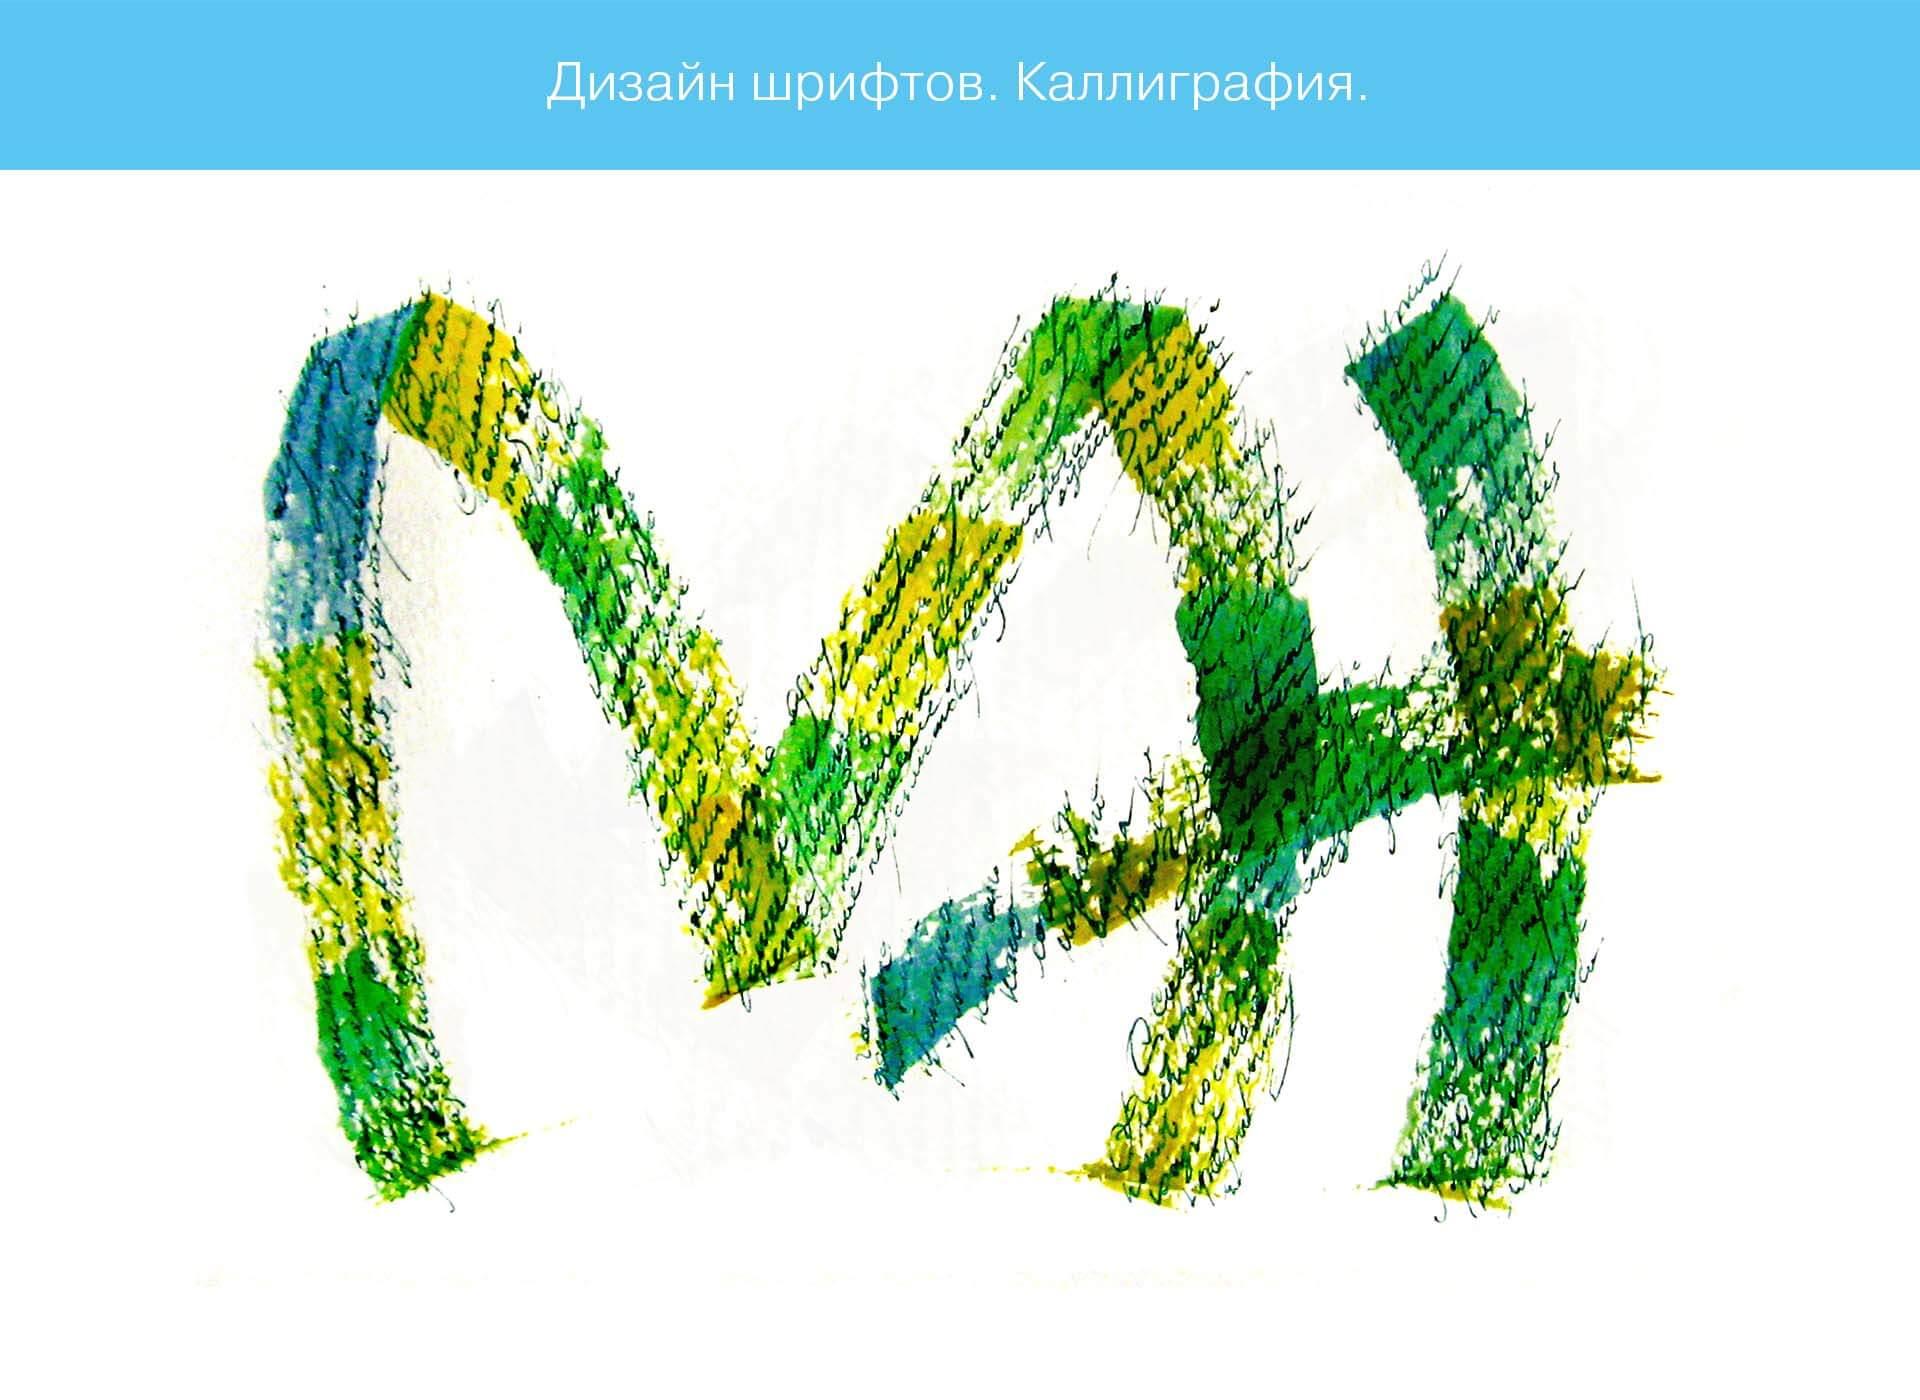 prokochuk_irina_font-design_calligraphy_4